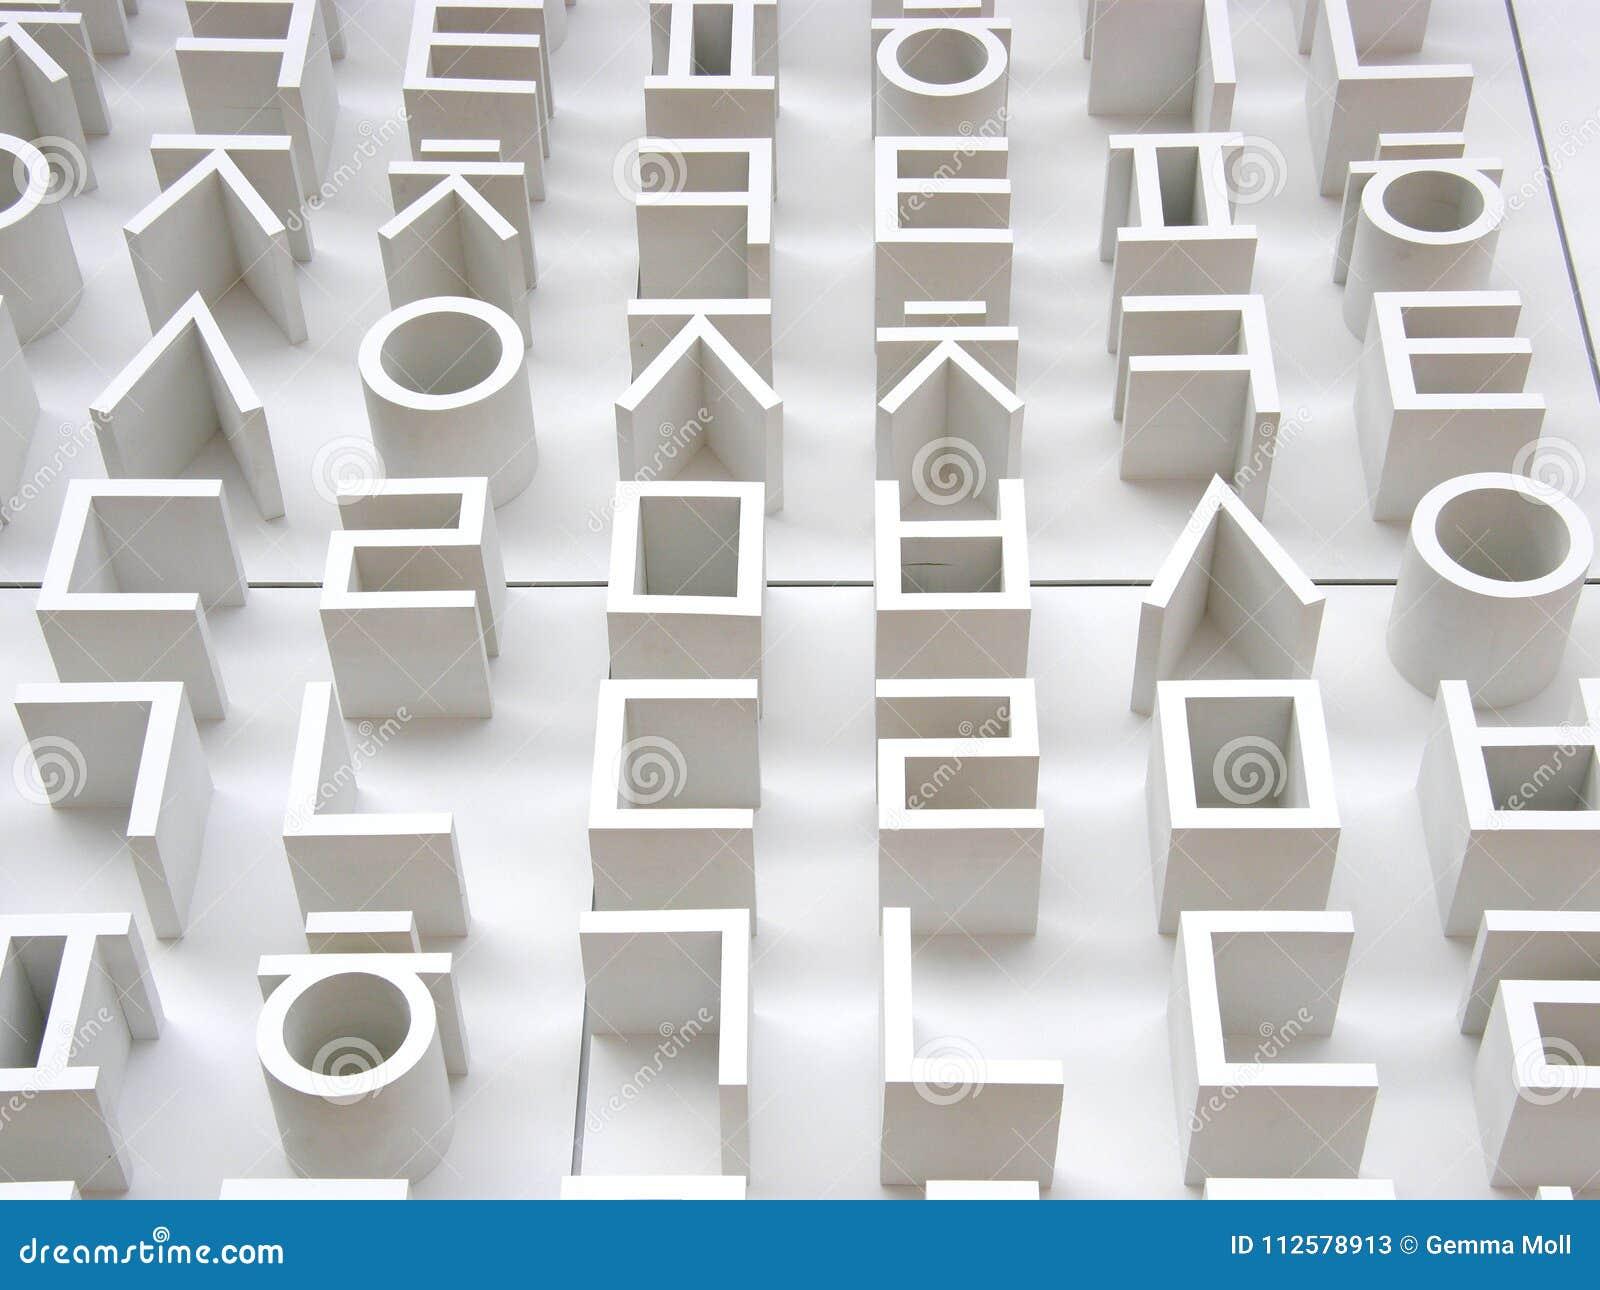 Letras coreanas em uma parede branca grande para o fundo